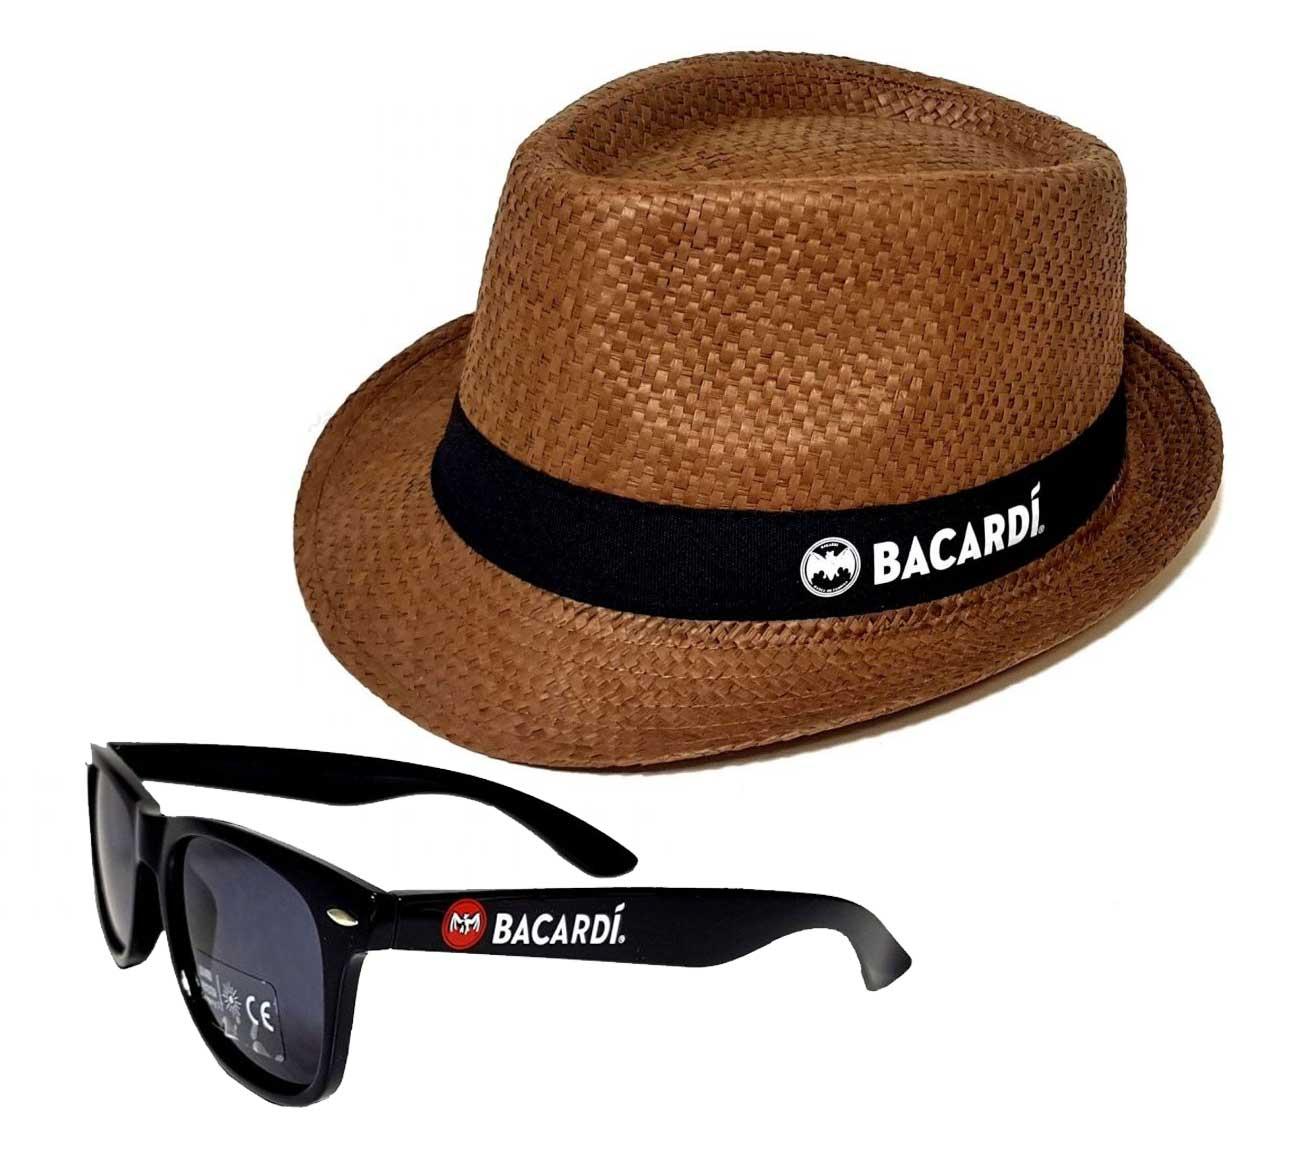 Bacardi Sommer Set - 1x Sonnenbrille mit 400 UV Schutz + Hut Strohhut Strandhut partyhut Sonnenhut in braun Material Hut : 100% Stroh Material Brille : Kunststoff